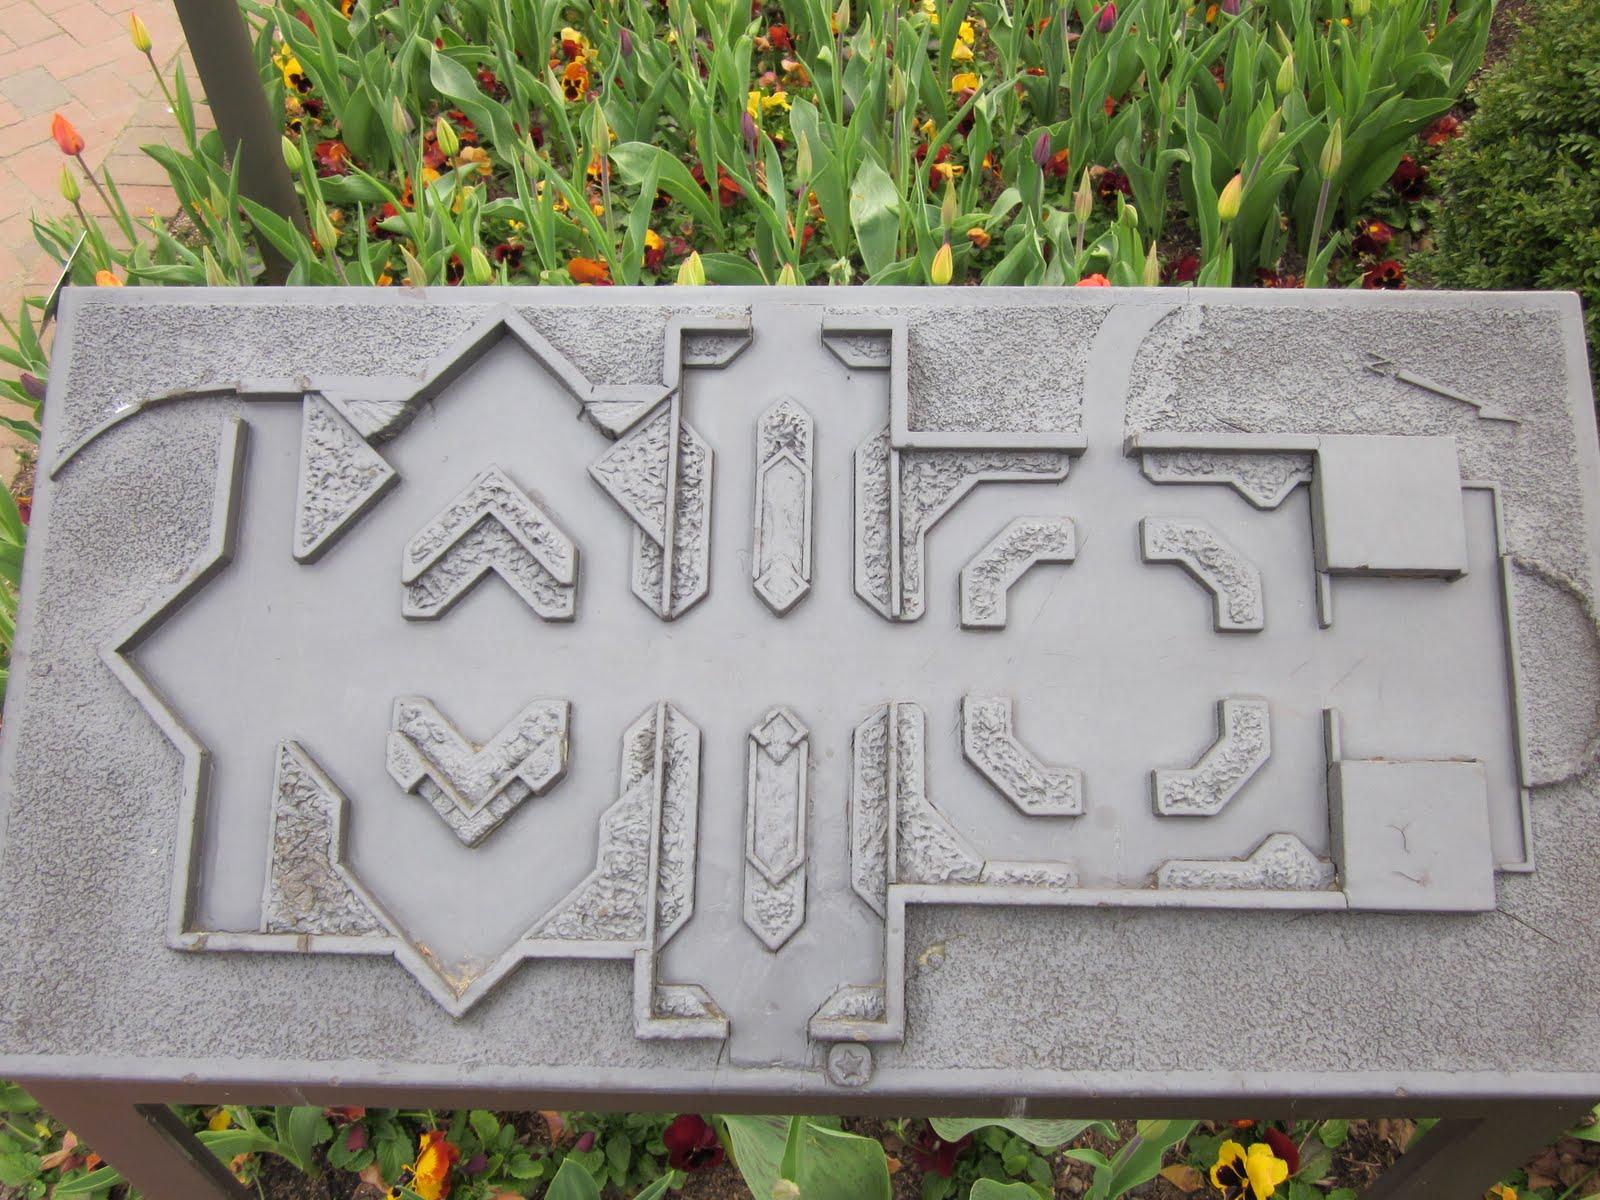 ecotropy: Healthcare Garden Design